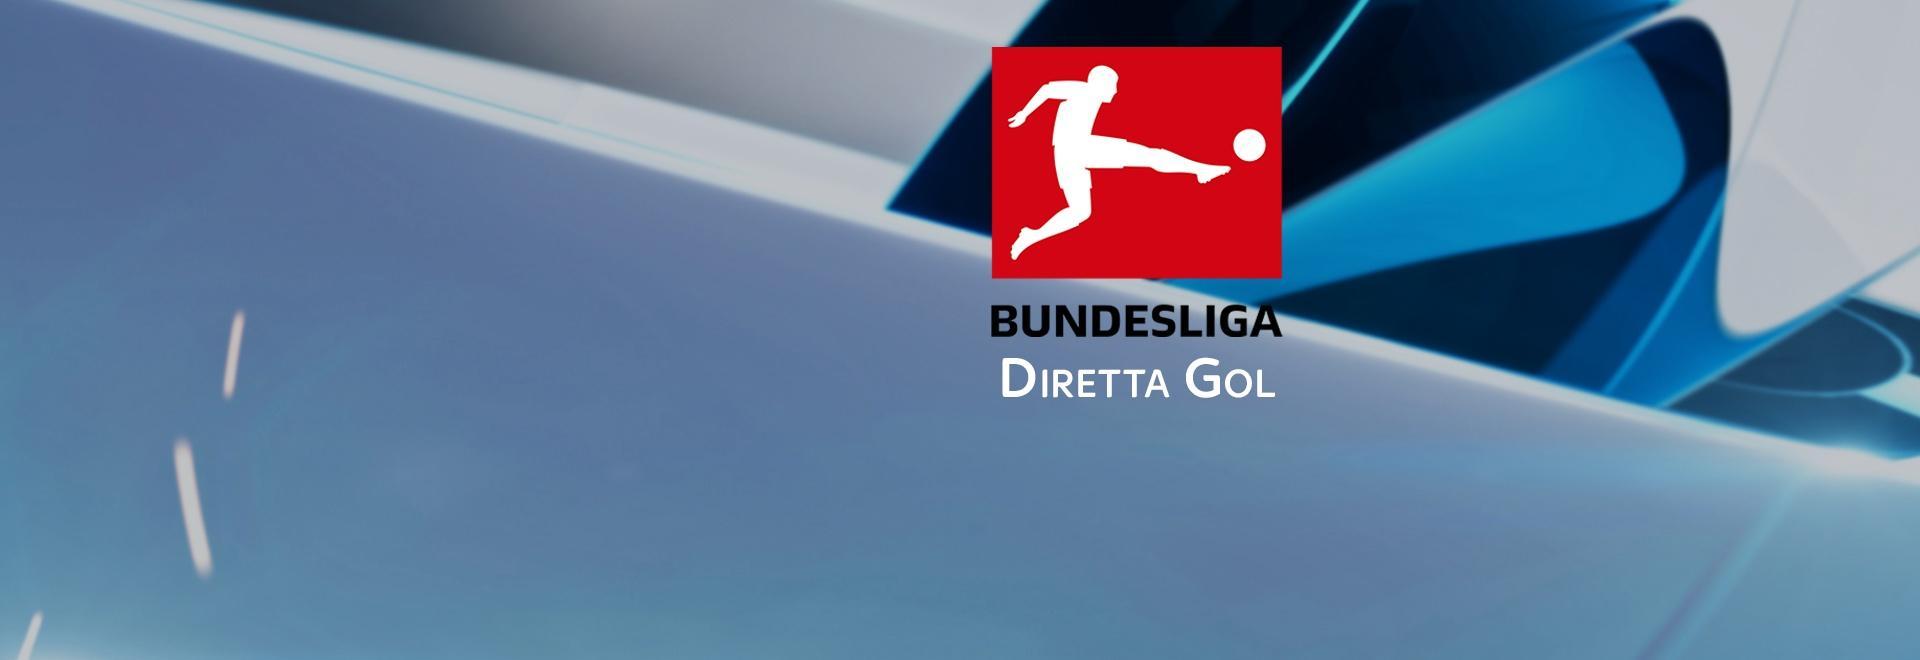 Diretta Gol Bundesliga